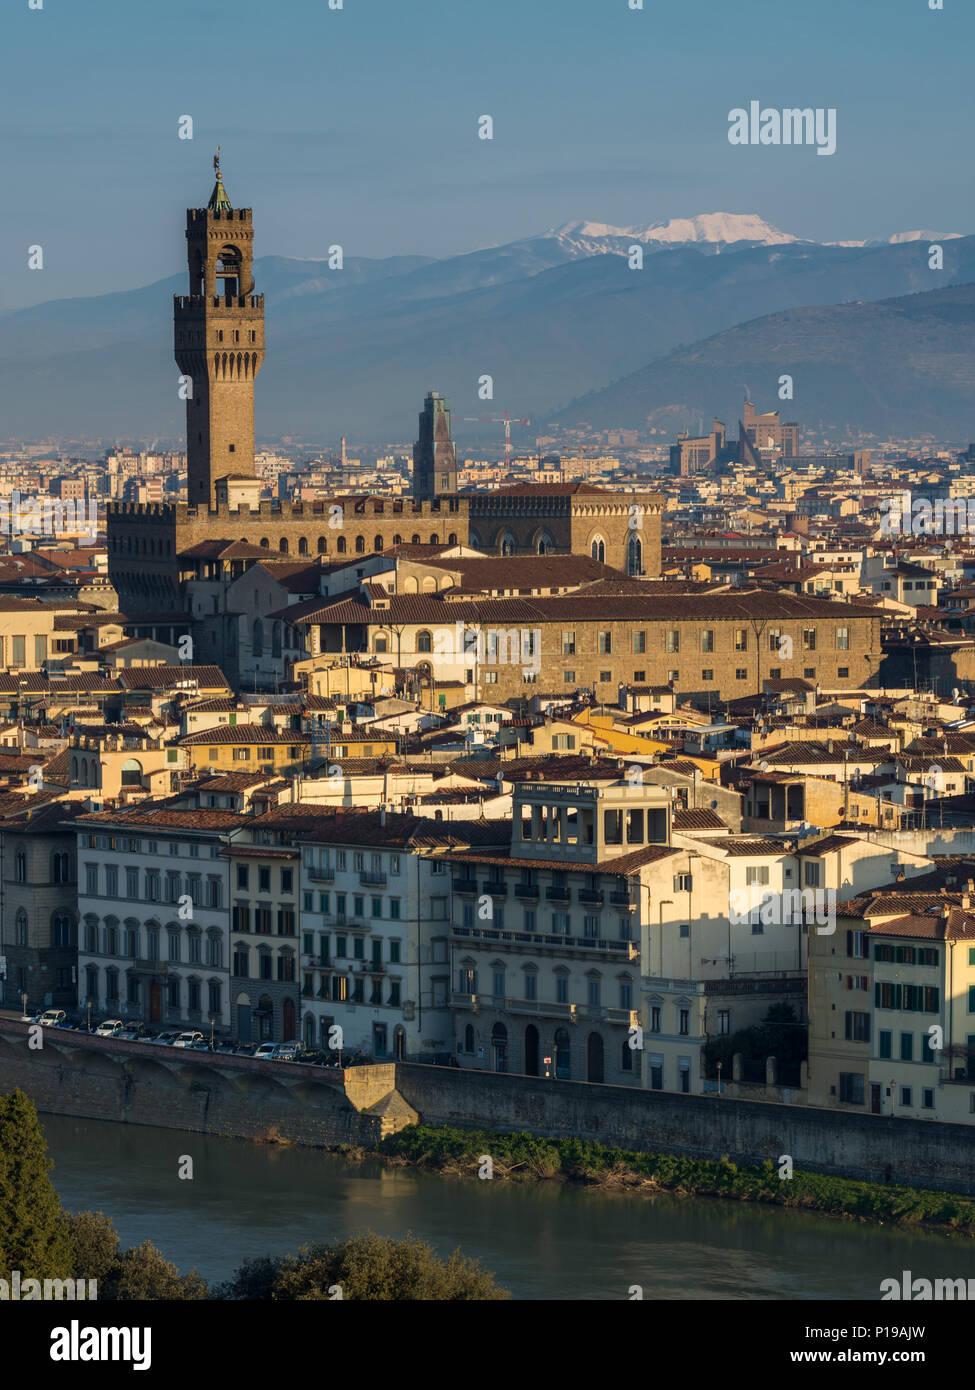 Florence, Italie - 24 mars 2018: lumière du matin illumine les rues de la région de Florence, y compris le site historique du Palazzo Vecchio. Photo Stock